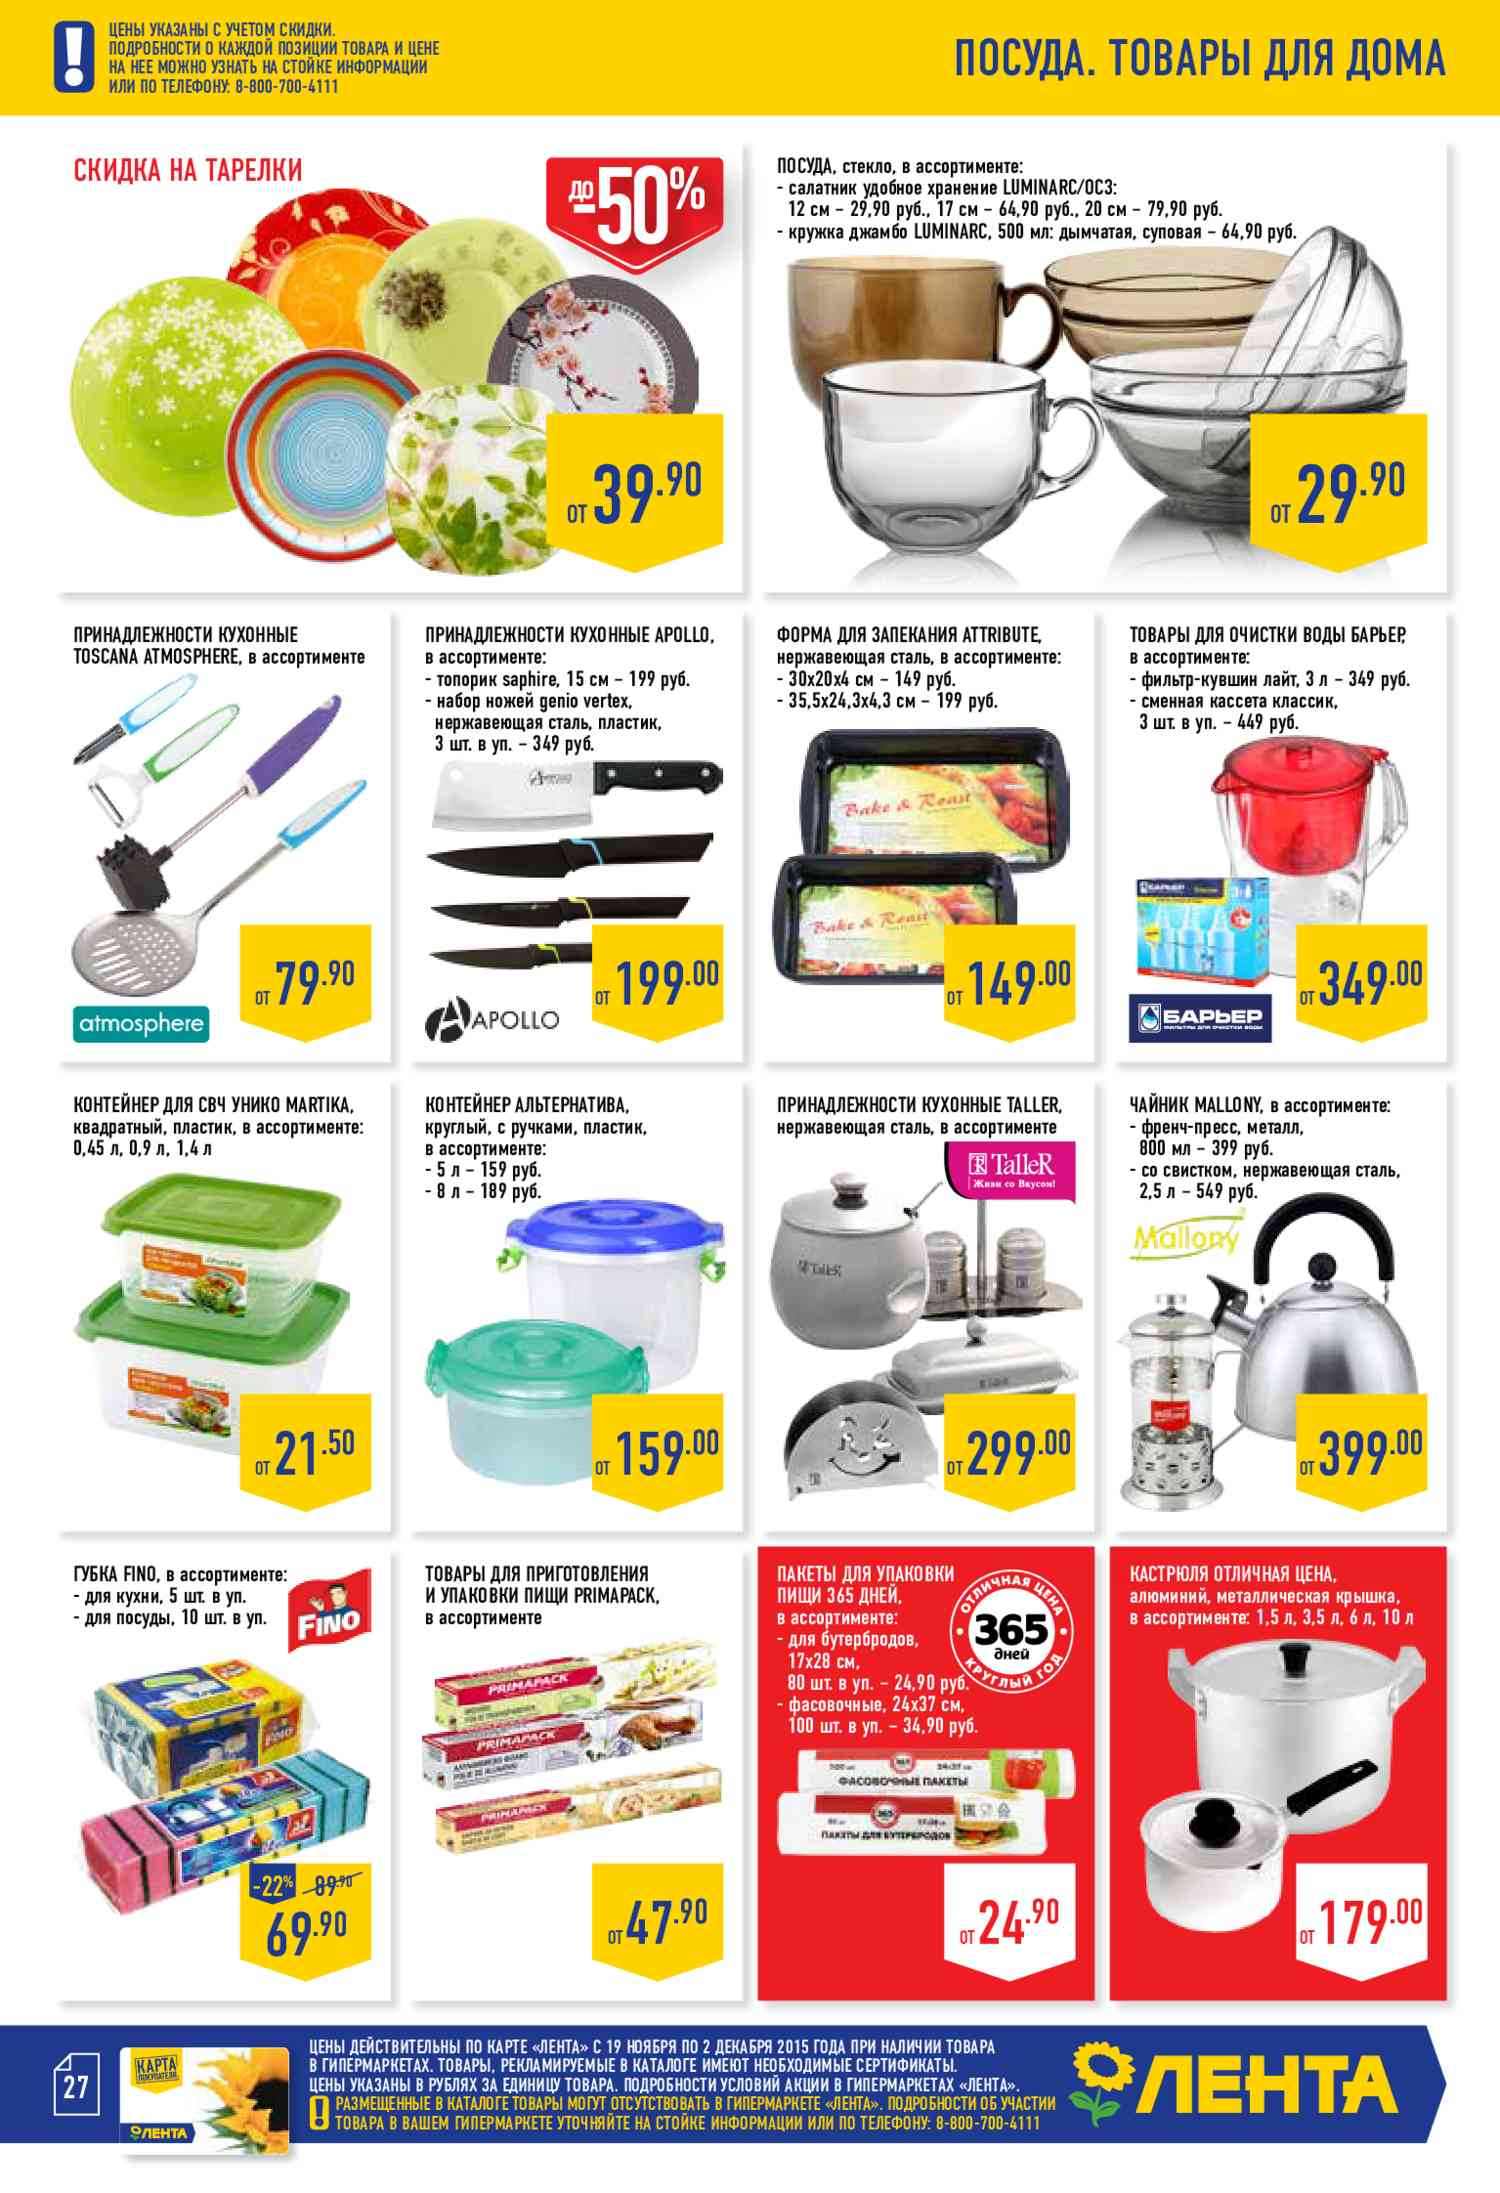 Подарки для дома волгоград каталог товаров официальный сайт 54